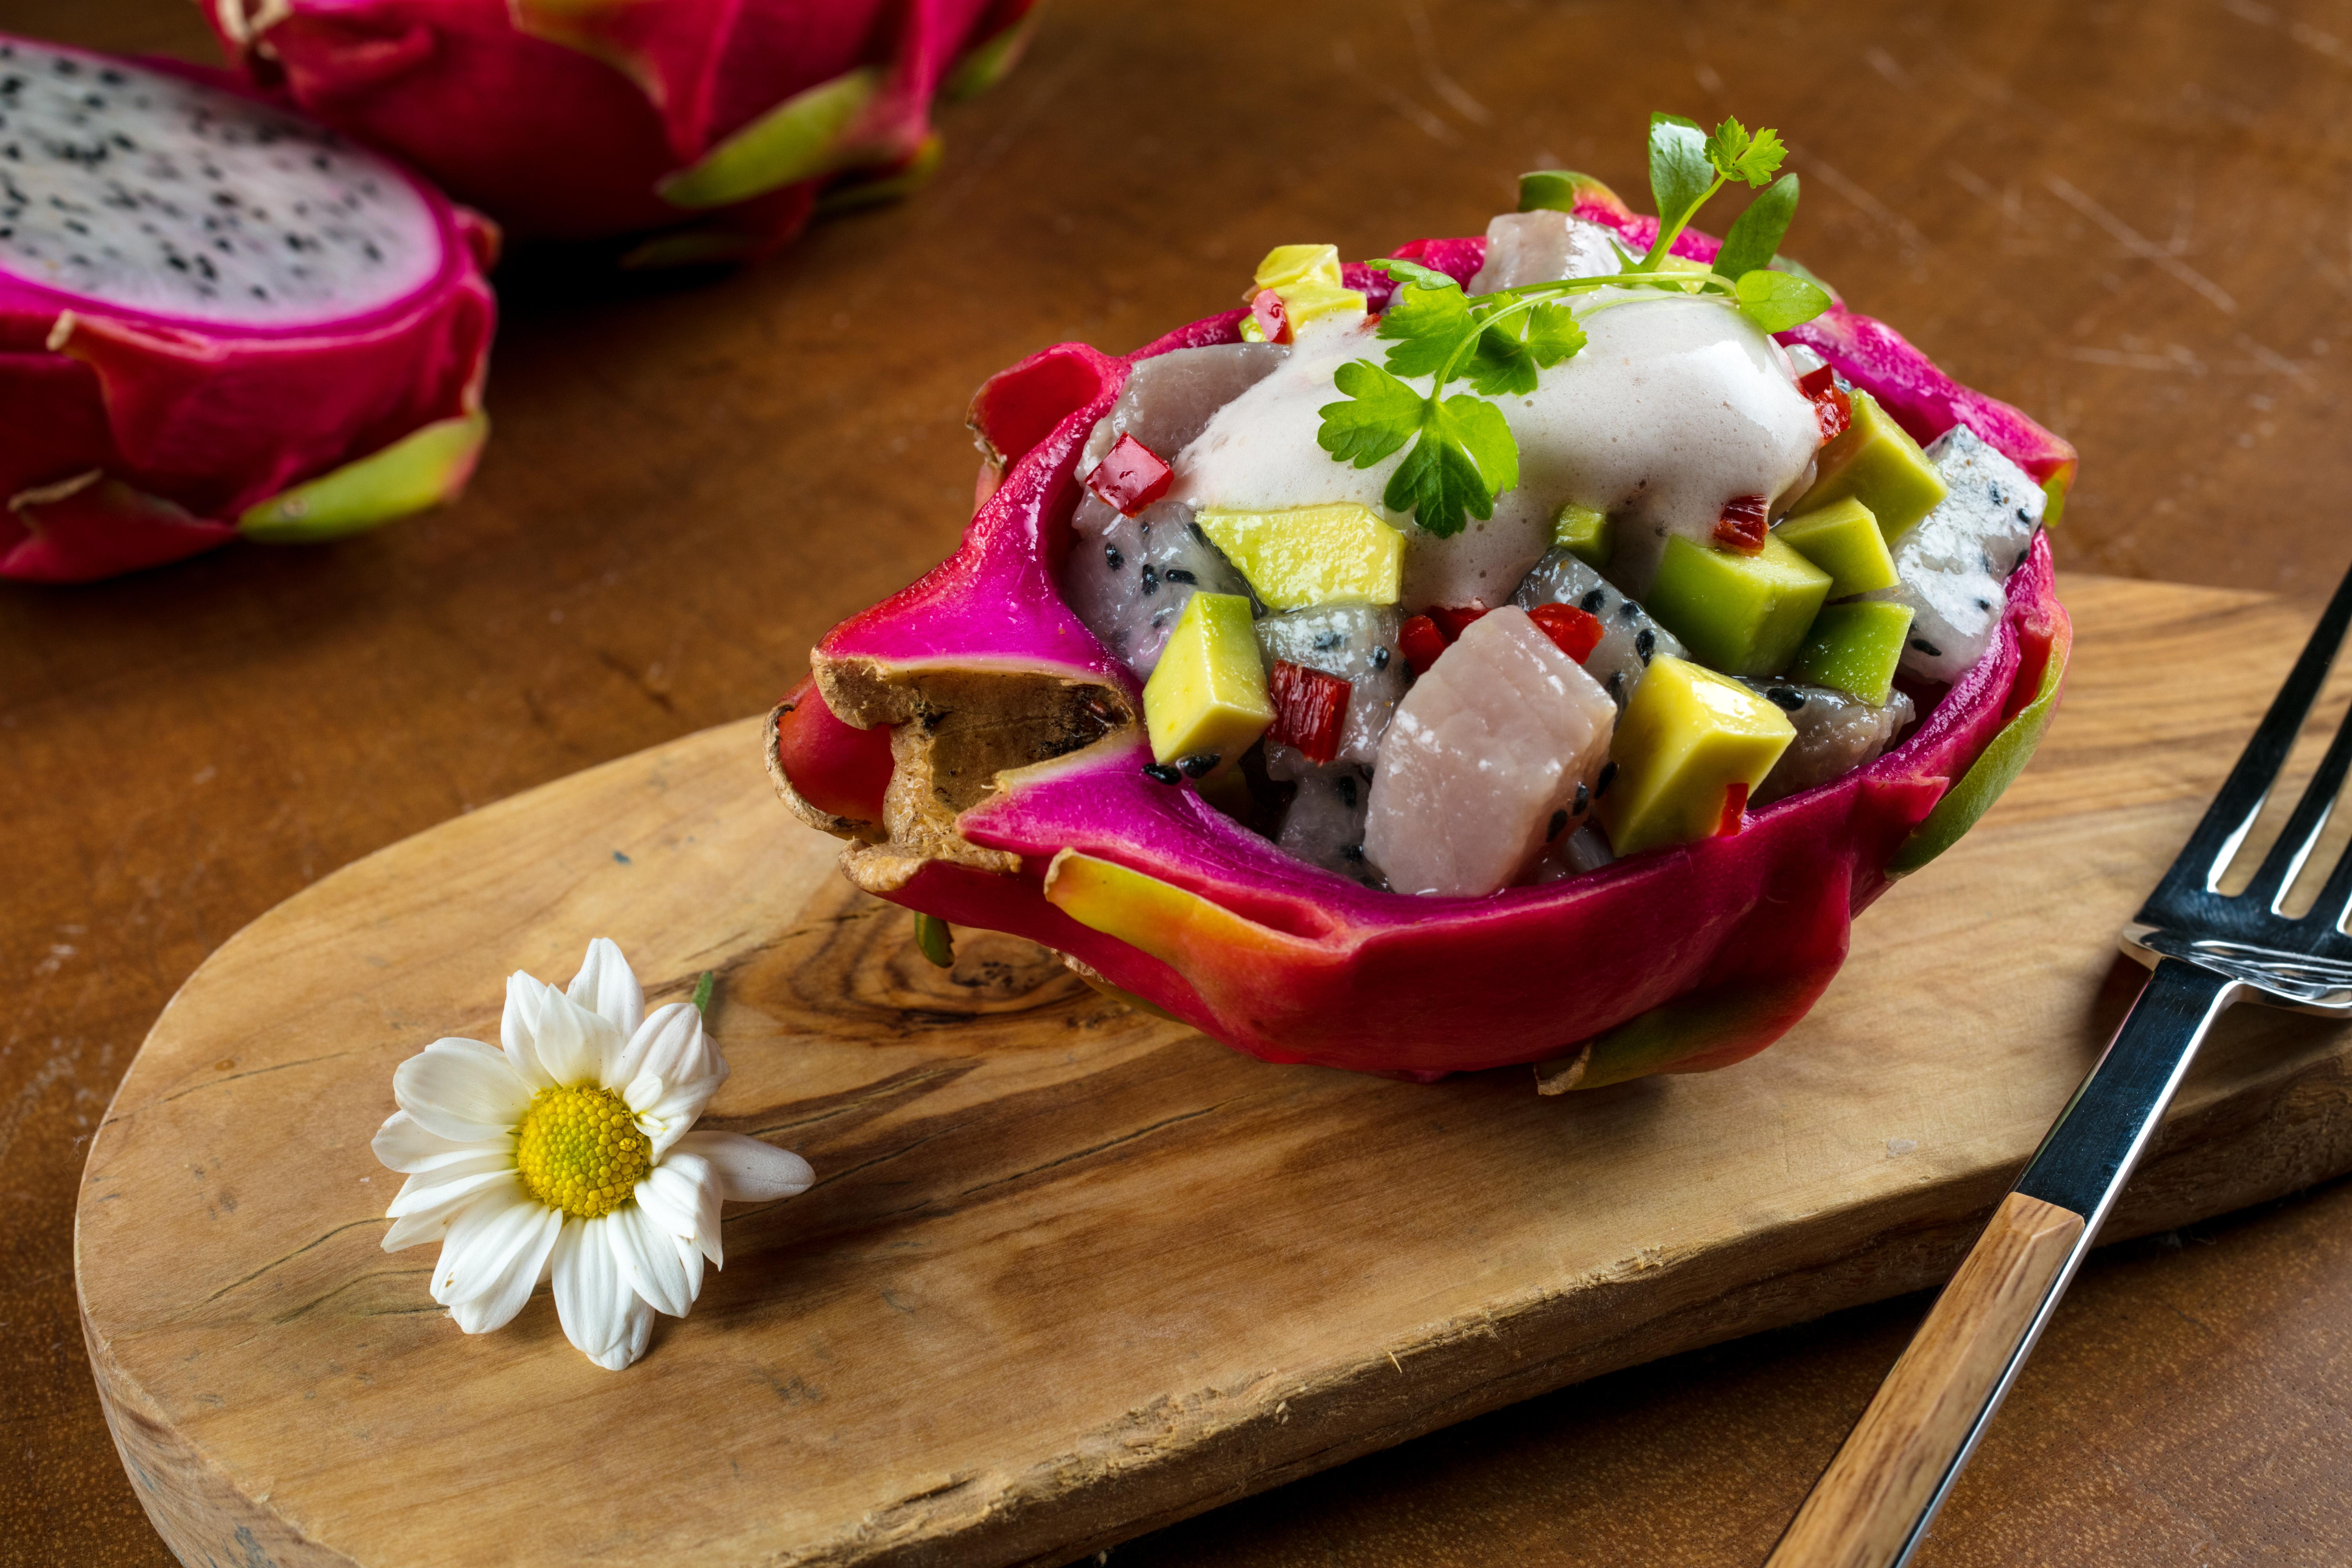 DasDanis_Ceviche de atum pitaya e avocado com espuma de hibisco_CredTomasRangel